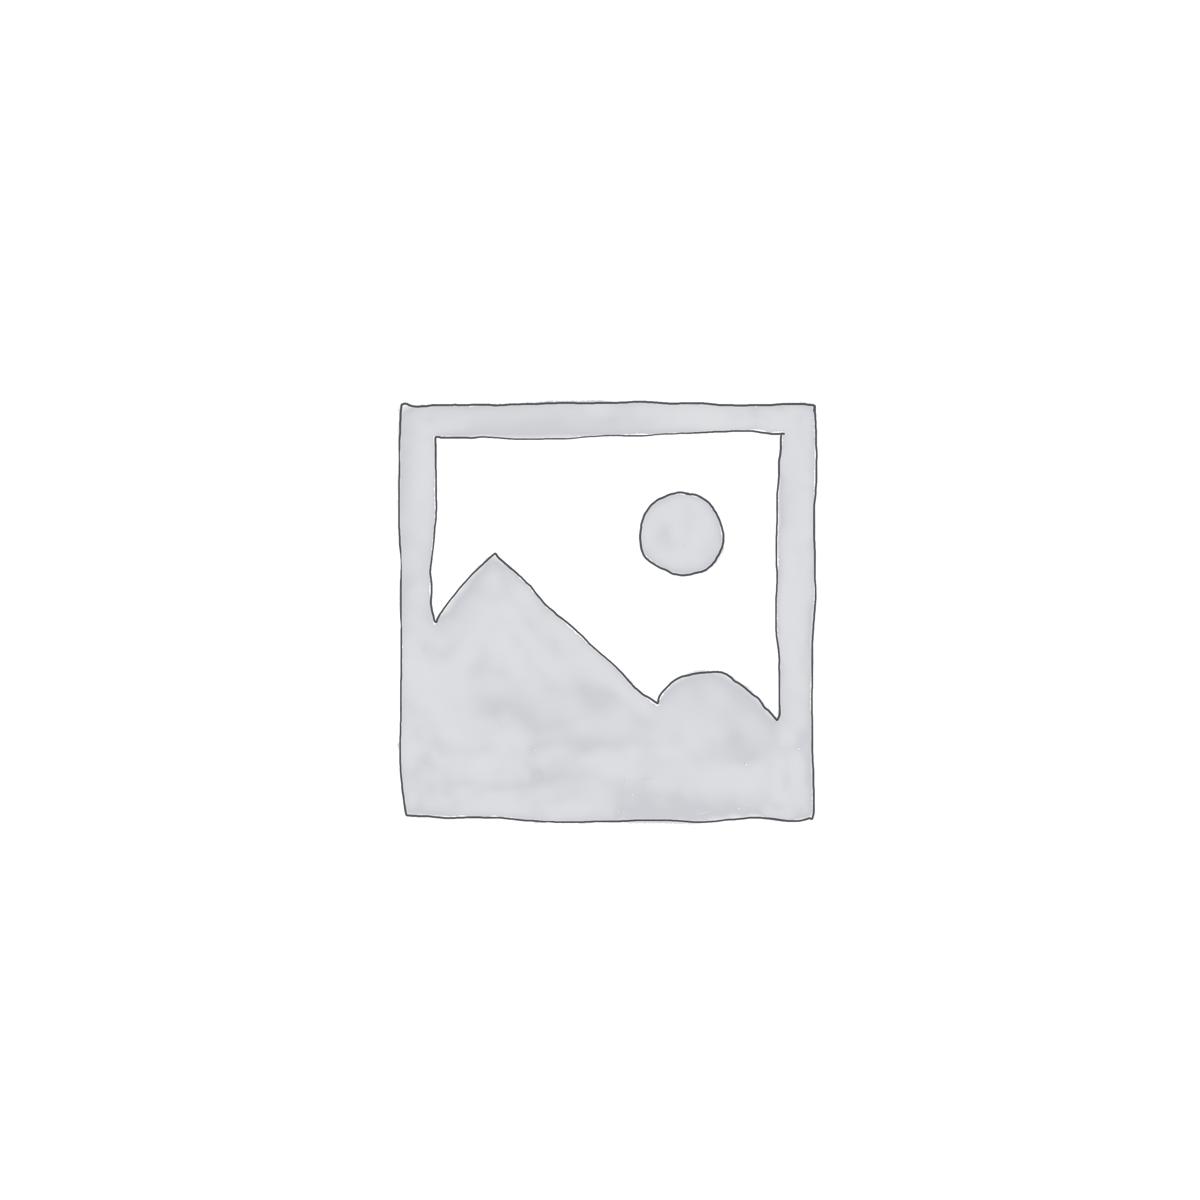 Cute Flying Panda & Animals Kids Nursery Wallpaper Mural